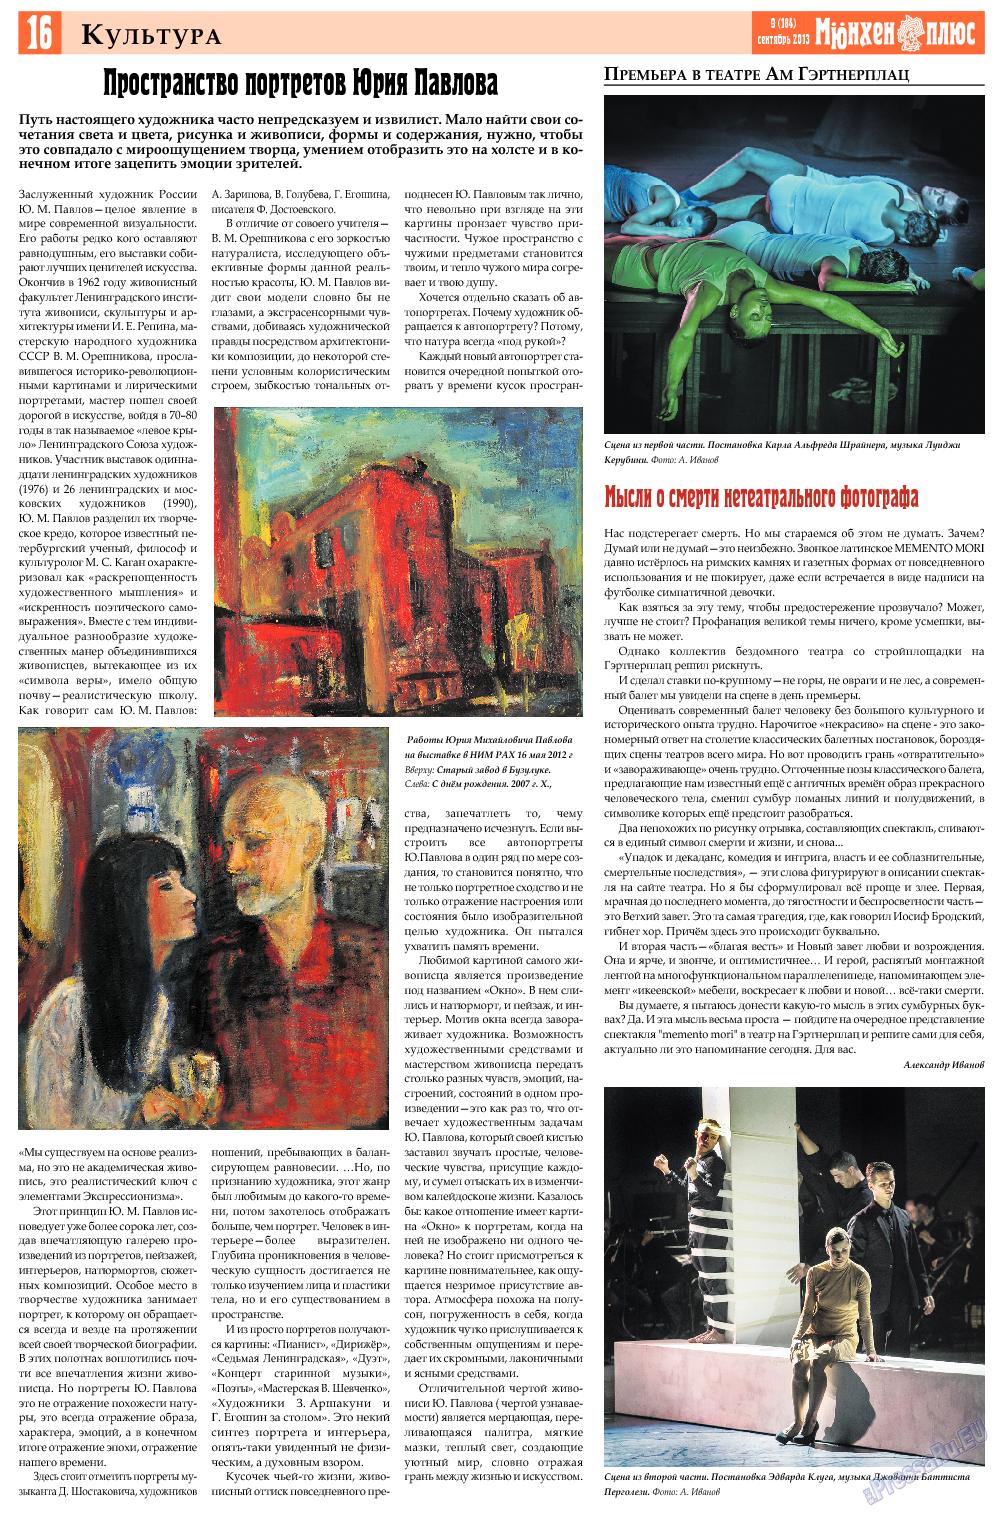 Германия плюс (газета). 2013 год, номер 9, стр. 16